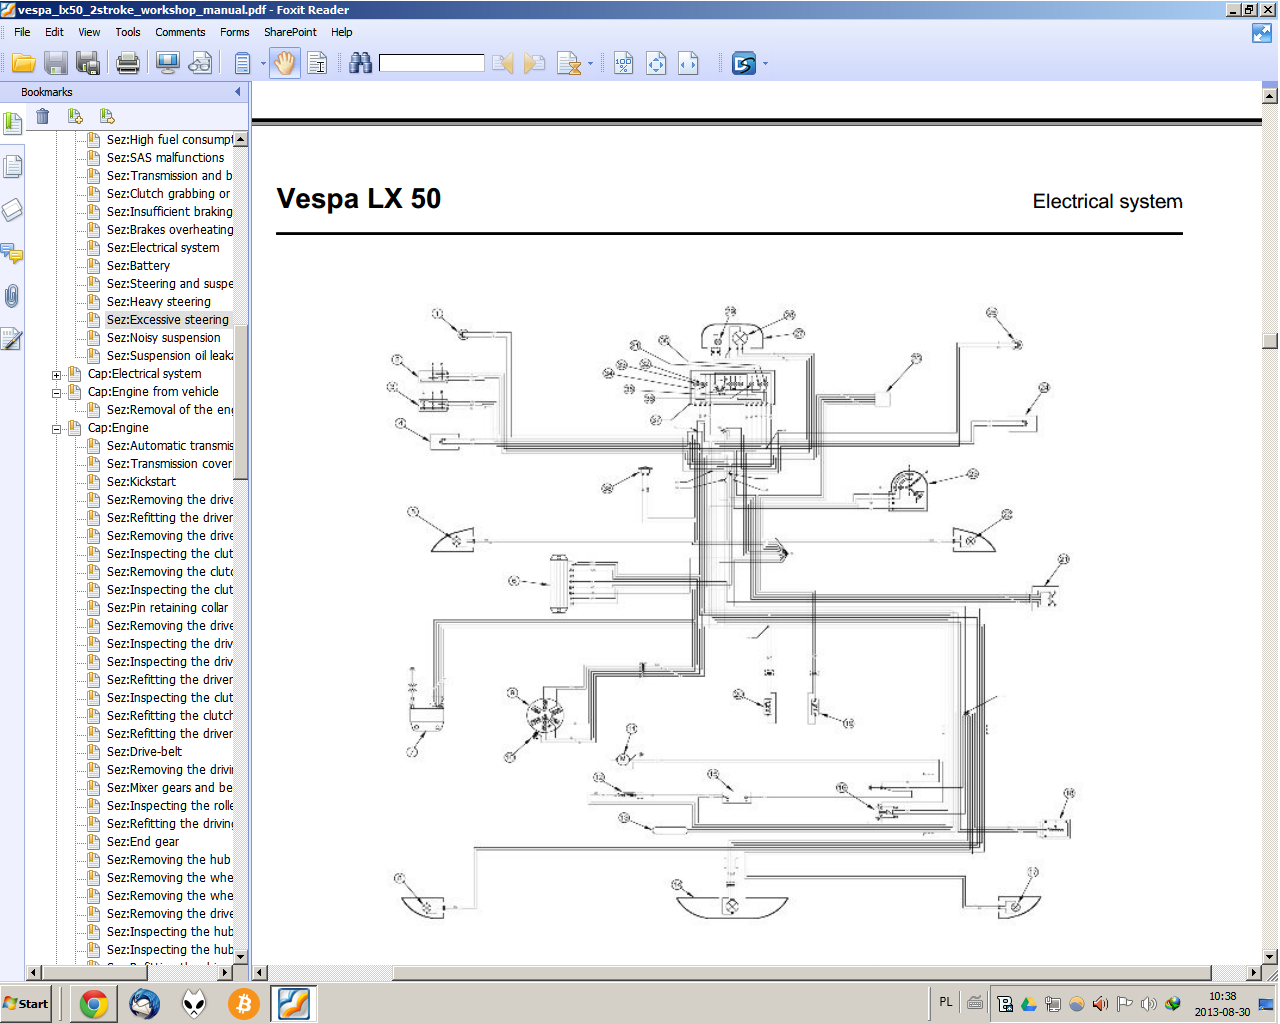 vespa lx 50 2t elektryka schemat. Black Bedroom Furniture Sets. Home Design Ideas